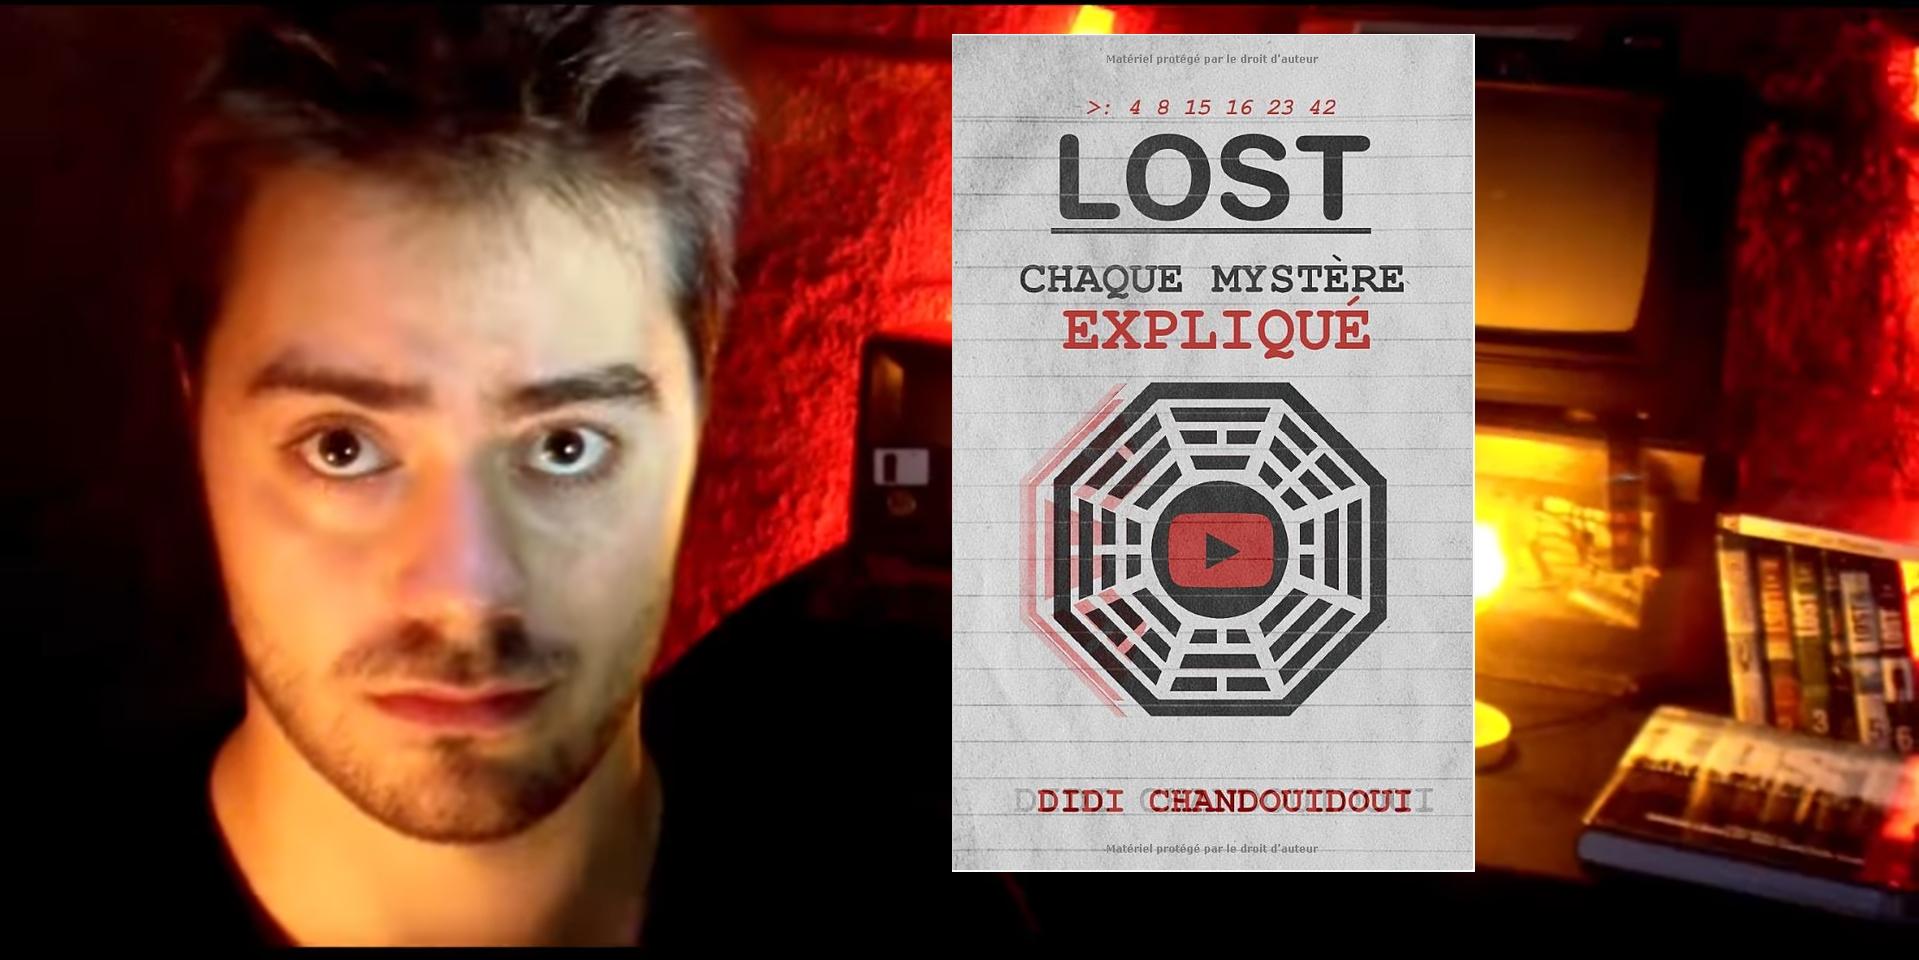 LOST : Chaque Mystère Expliqué